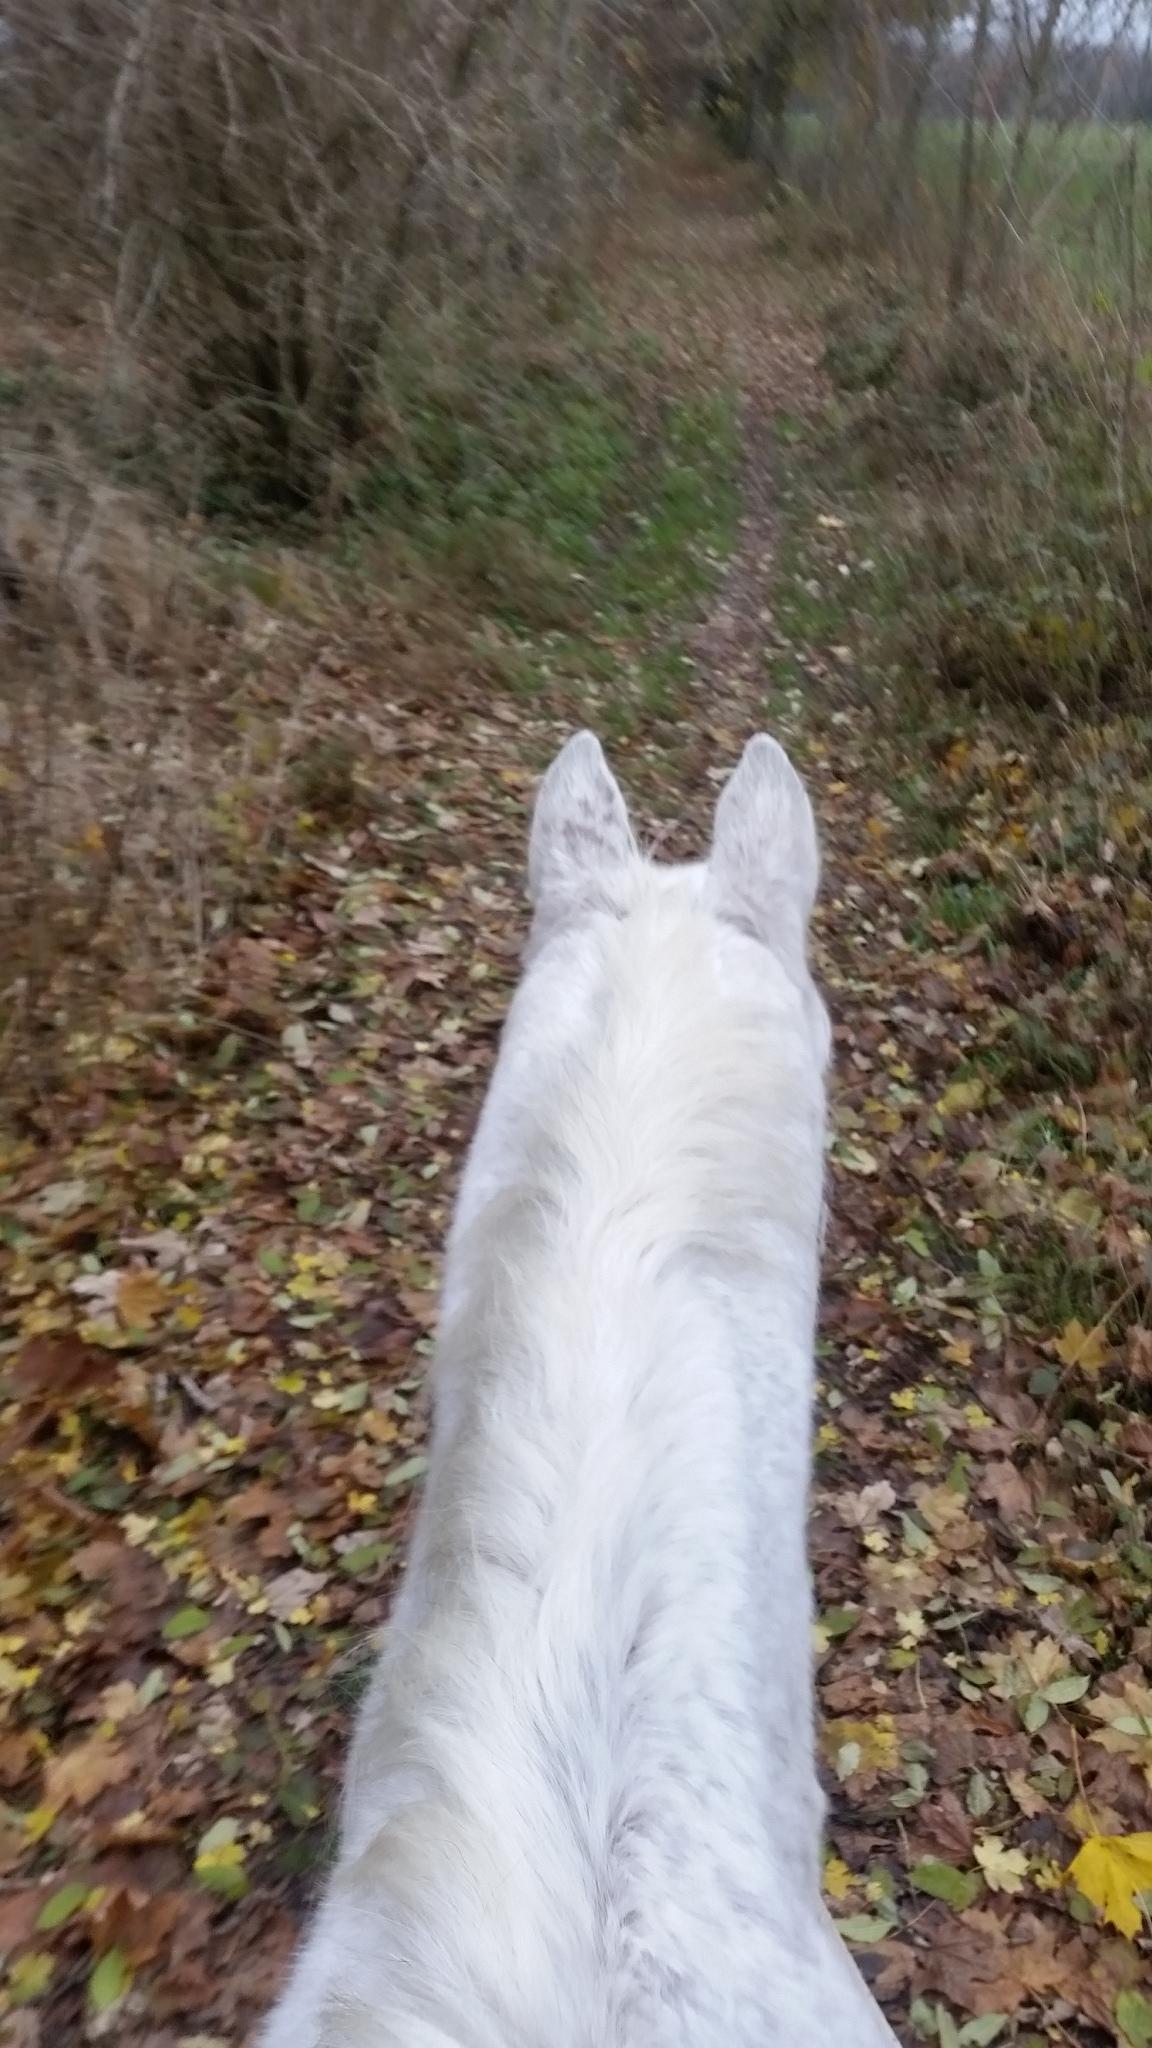 Sie hat sich in dieser Zeit ziemlich verändert und scheuchte mich schon lange nicht mehr über Hindernisse und ging sehr sorgsam mit mir um. Regelmäßig korrigierte sie meine Hufstellung und wir genossen beide schöne Wanderungen oder Ausritte in der freien Natur. - Das war die schönste Zeit in meinem Leben und ist es zum Glück heute noch. Ich lebe immer noch auf der schönen 24h Weide ca. 1 ha mit Heuraufe und Unterstand, teilweise befestigtem Boden und mit meinen Kollegen. Meine Pferdefrau, auch Hufheilpraktikerin, sagt, dass die Pferde, von ihren Arbeitskollegen, die ja die gleiche Hufbearbeitung haben, und die gleiche Haltung genauso glückliche Pferde im hohen Alter haben, denen es mindestens genauso gut geht wie mir. ICH BIN KEIN EINZELFALL, und auch kein WUNDERTIER! Diese Hufbearbeitung und diese artgerechte Haltung ist und bleibt gesund bis ins hohe Alter. Das muss ja endlich mal gesagt werden …. 2016 © Heike Veit